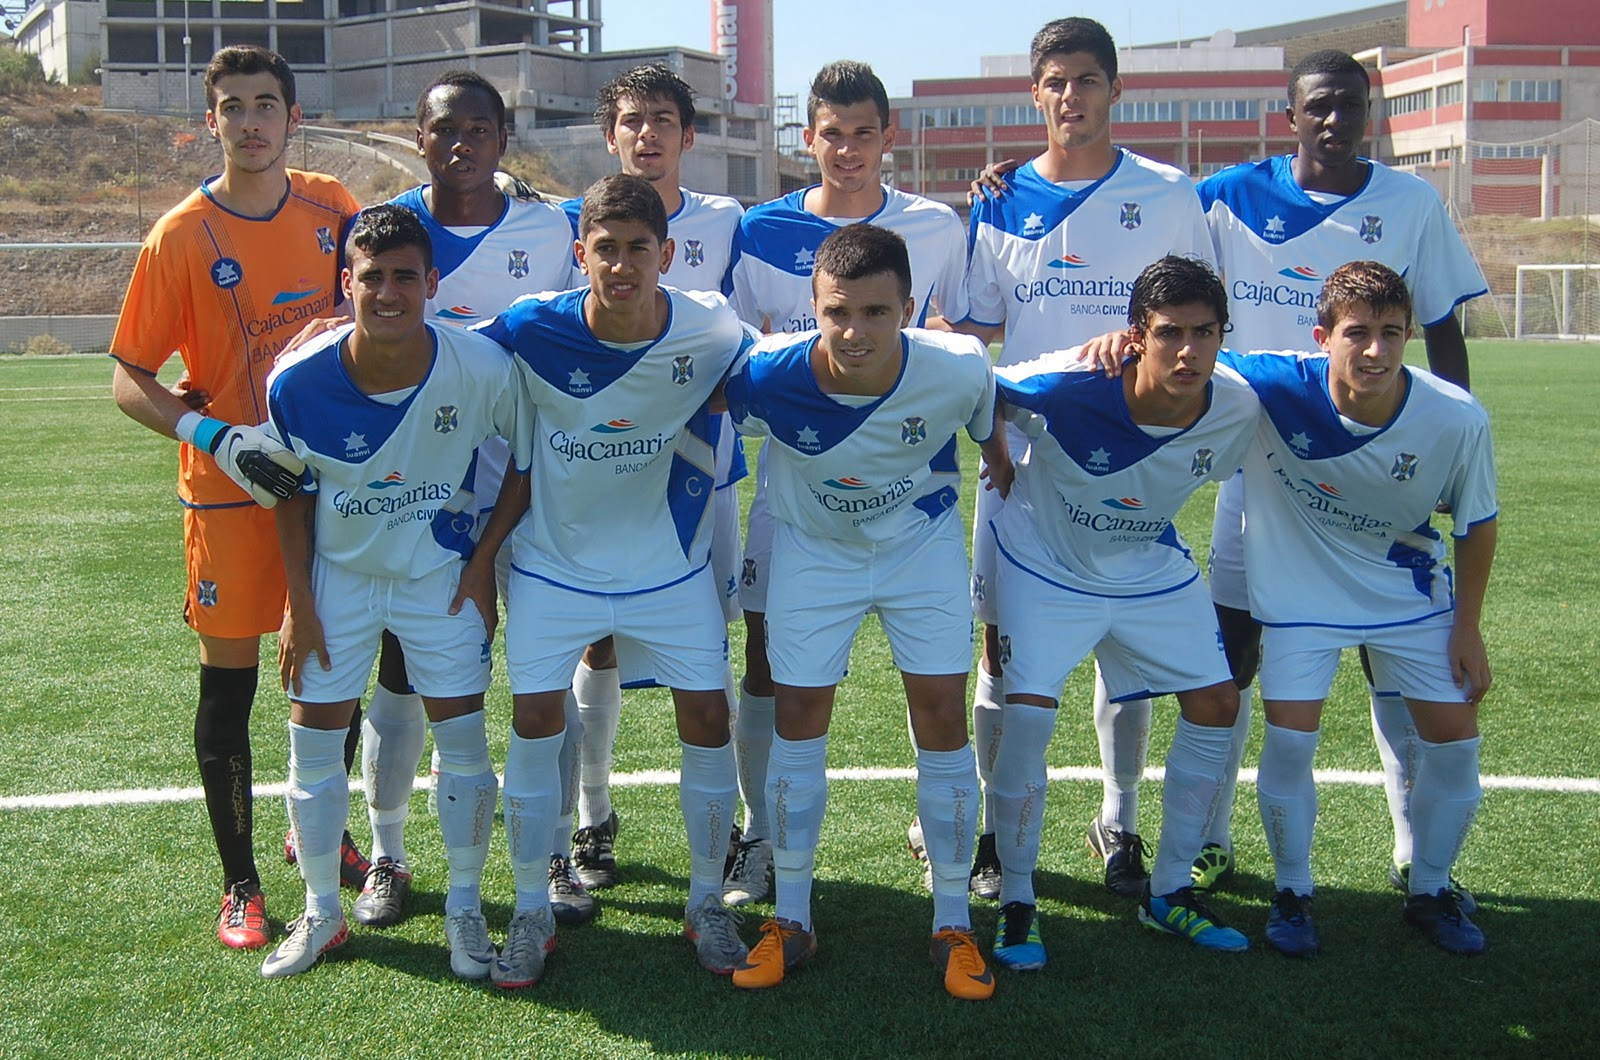 El Real Madrid será el rival del Tenerife en la Copa del Rey juvenil